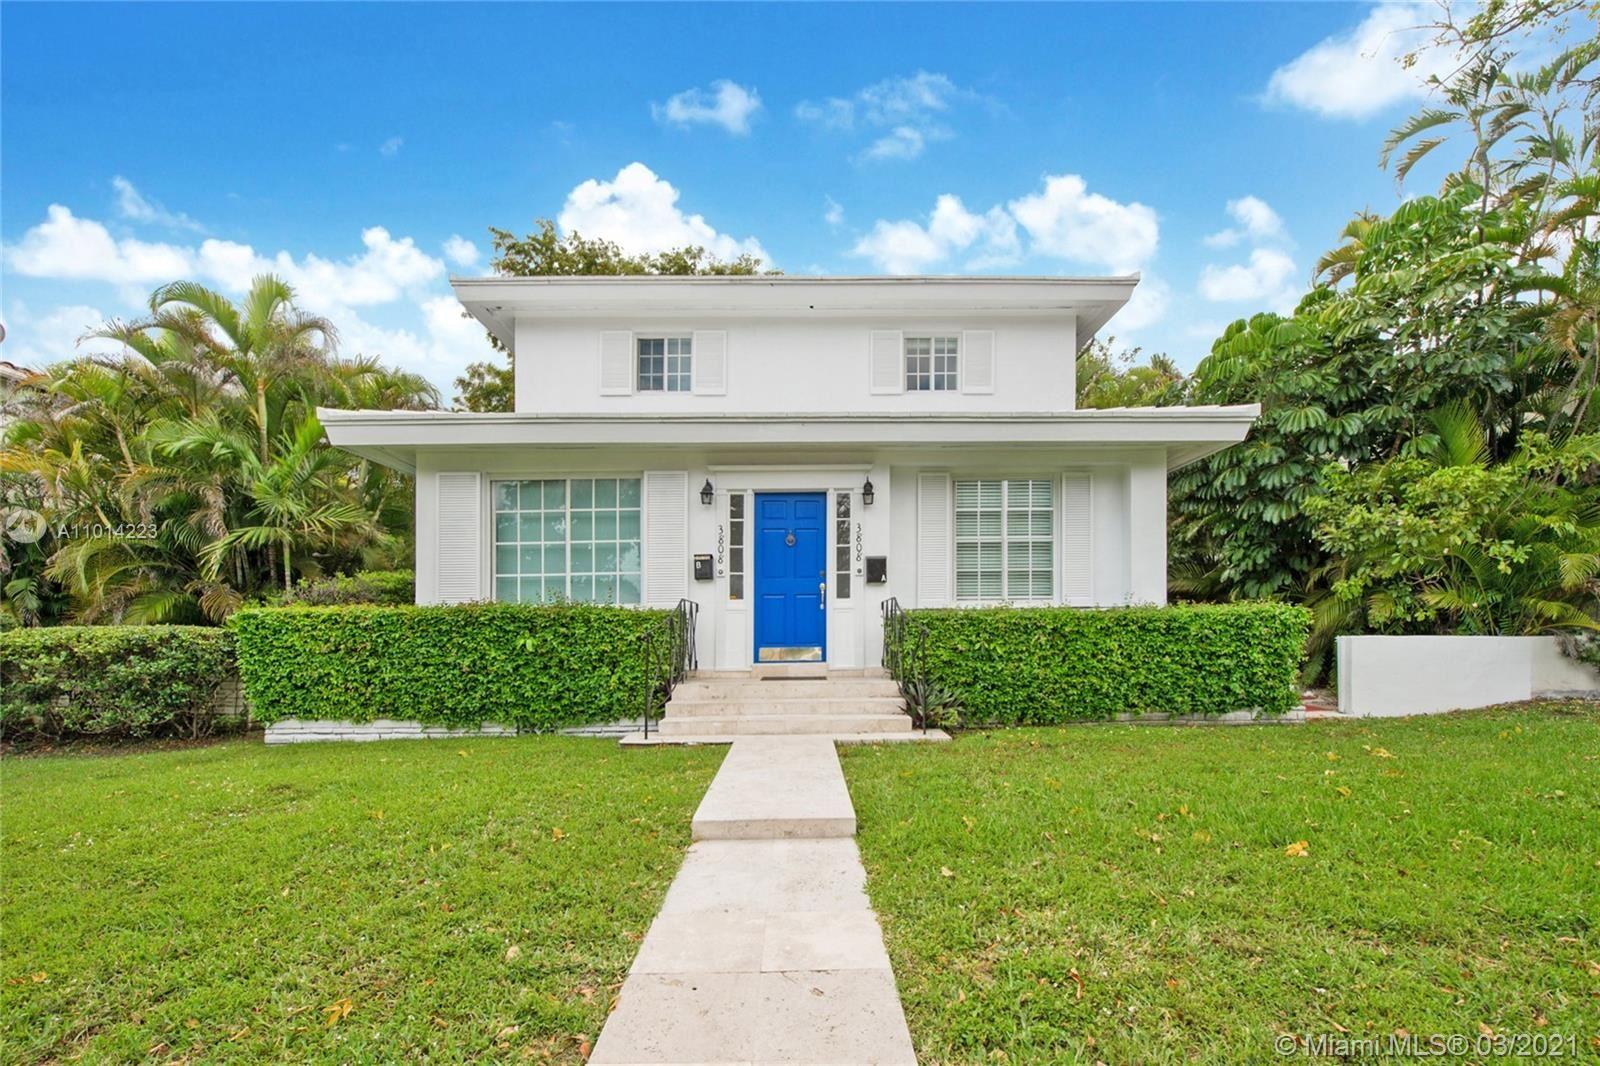 3808 Ponce De Leon Blvd, Coral Gables, FL 33134 - #: A11014223